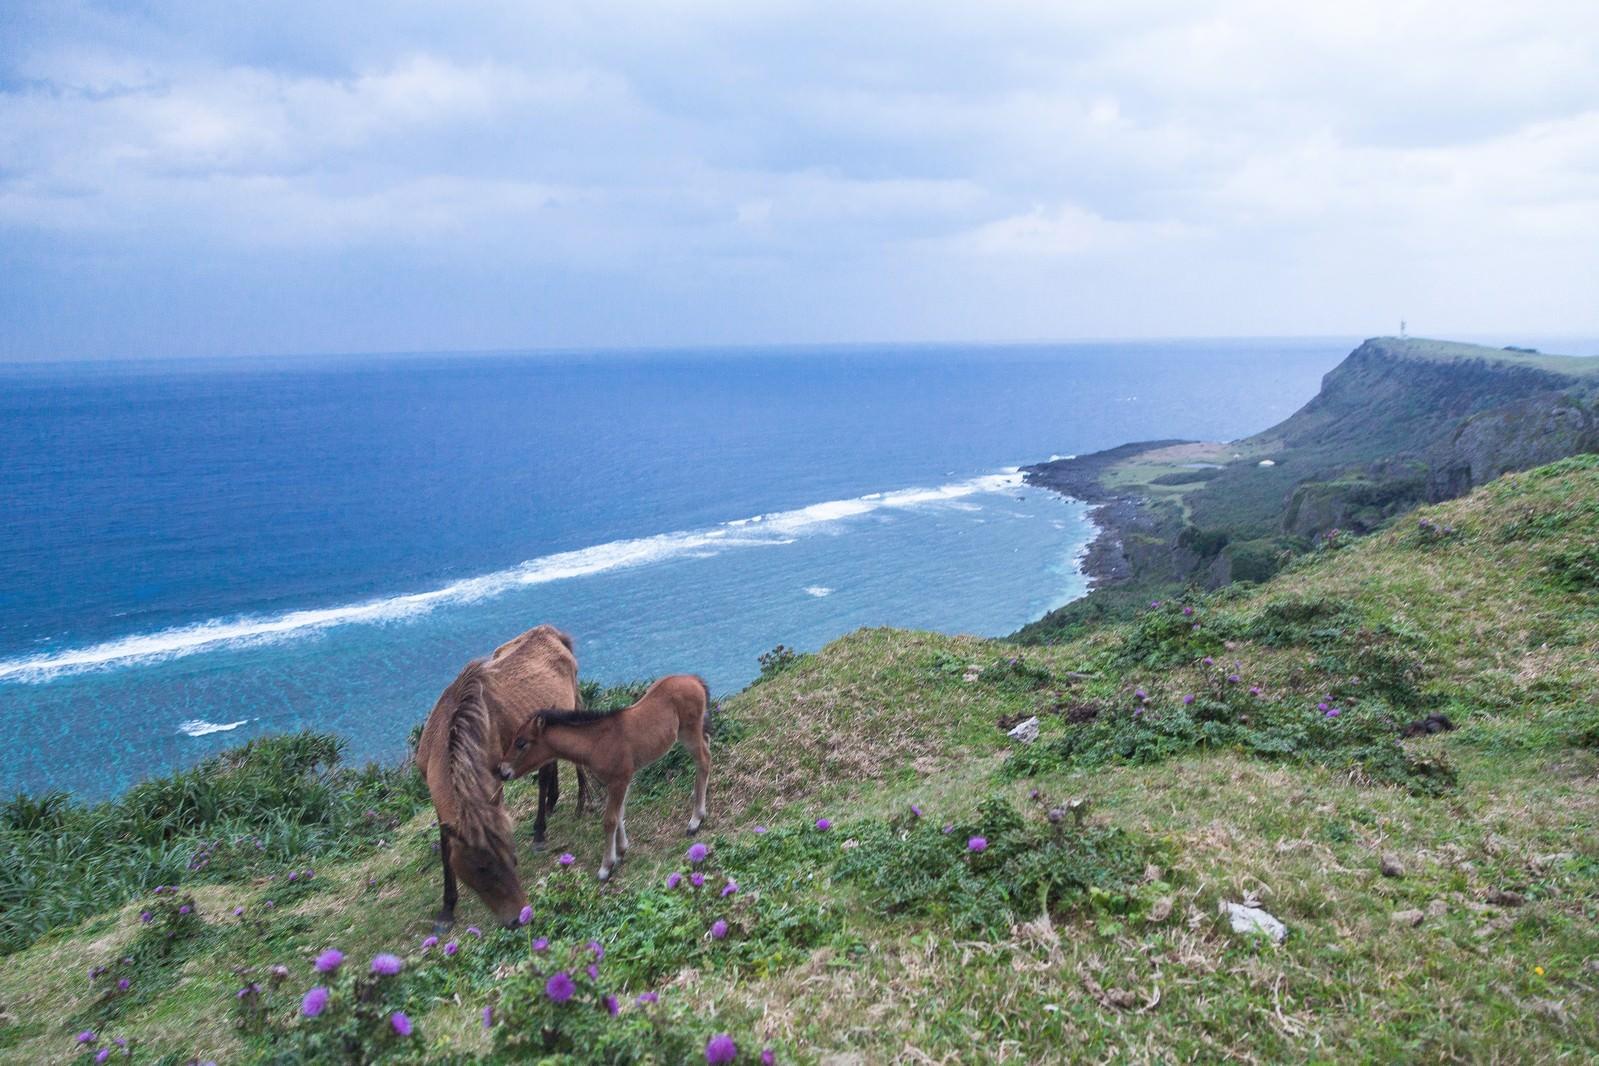 「与那国島東崎展望台」の写真